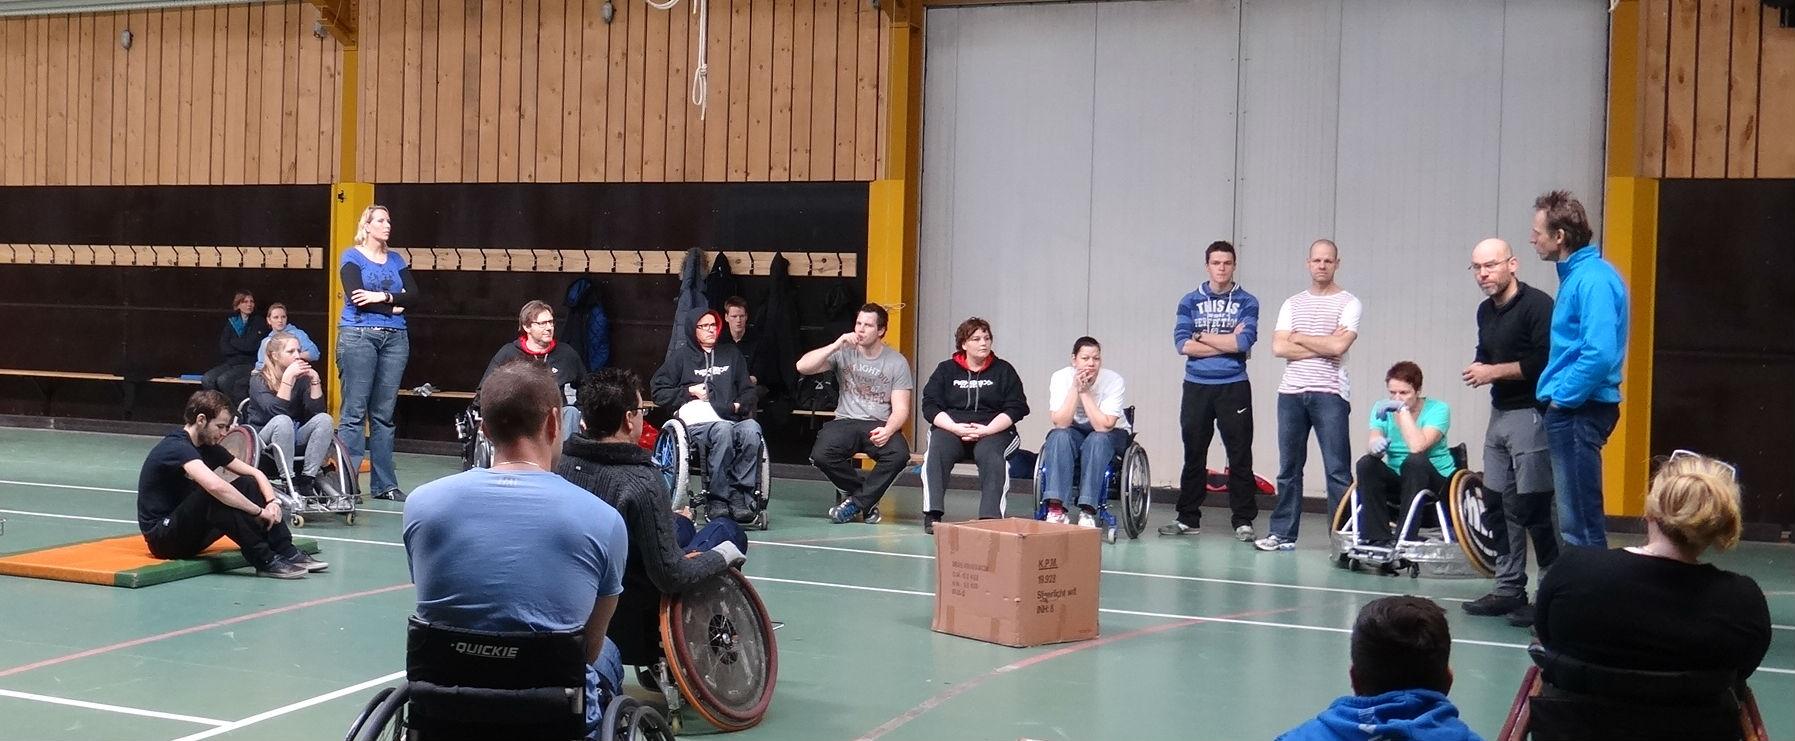 samen leren omgaan met een handicap